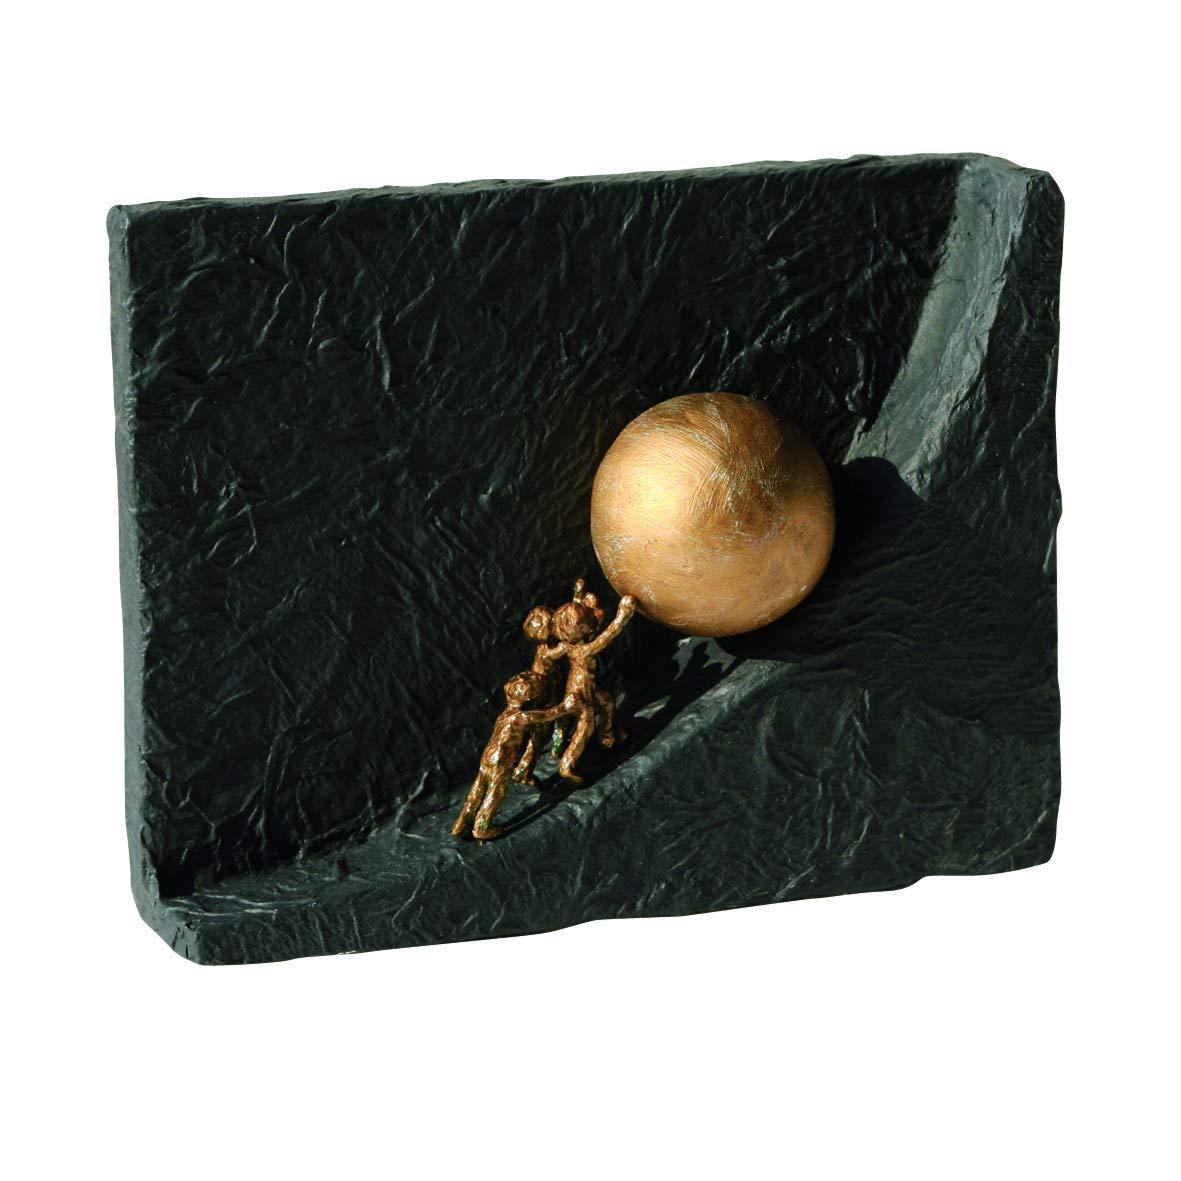 Zusammen etwas bewegen  Bronzeskulptur mit schwarzem Steingusssockel - Lieferung mit Expertise  19 x 14 cm